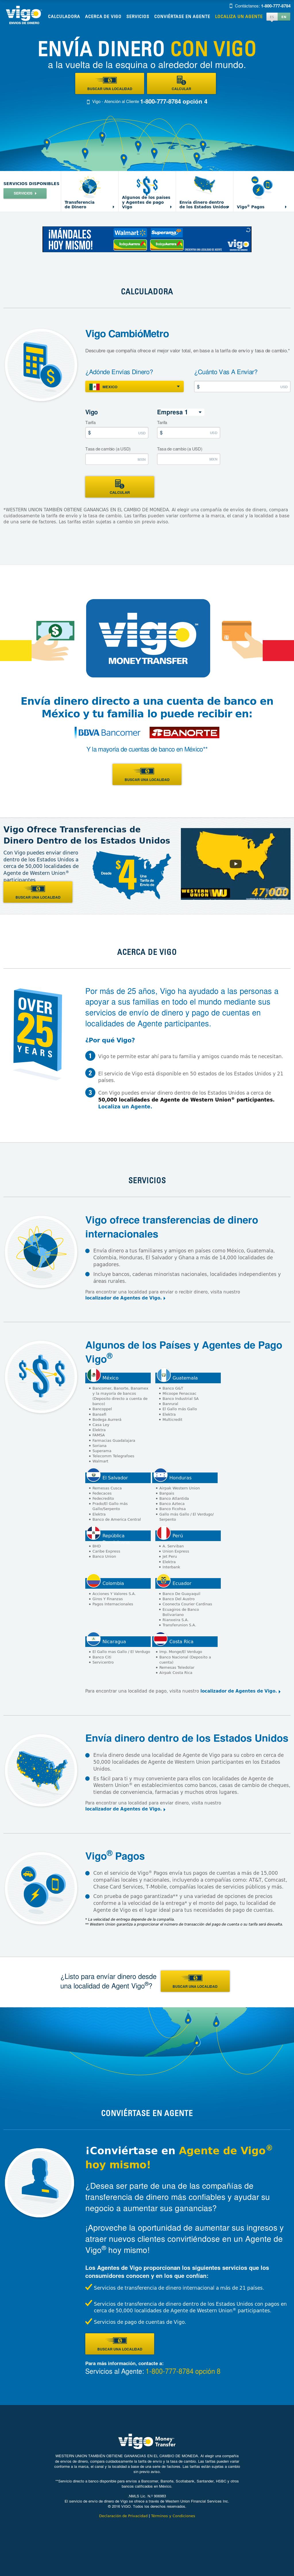 Vigo Compeors Revenue And Employees